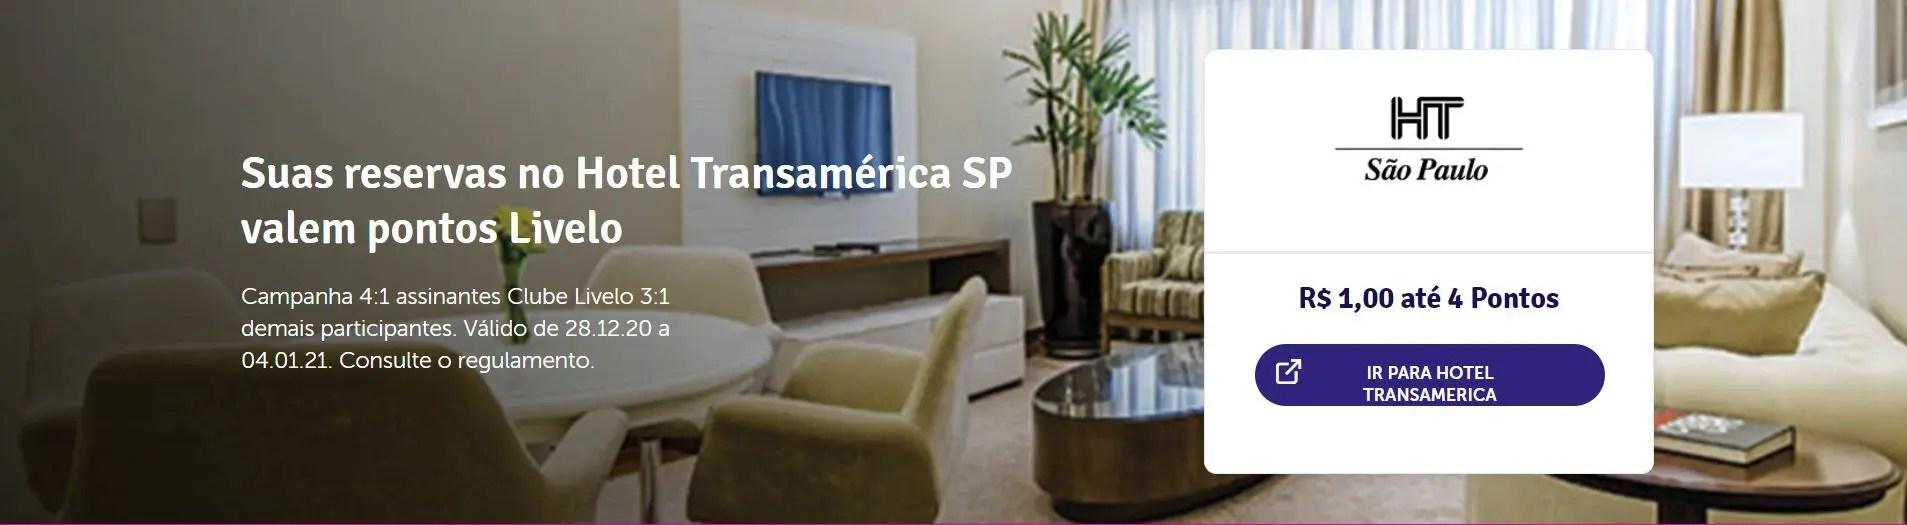 Livelo Transamerica 4 pontos